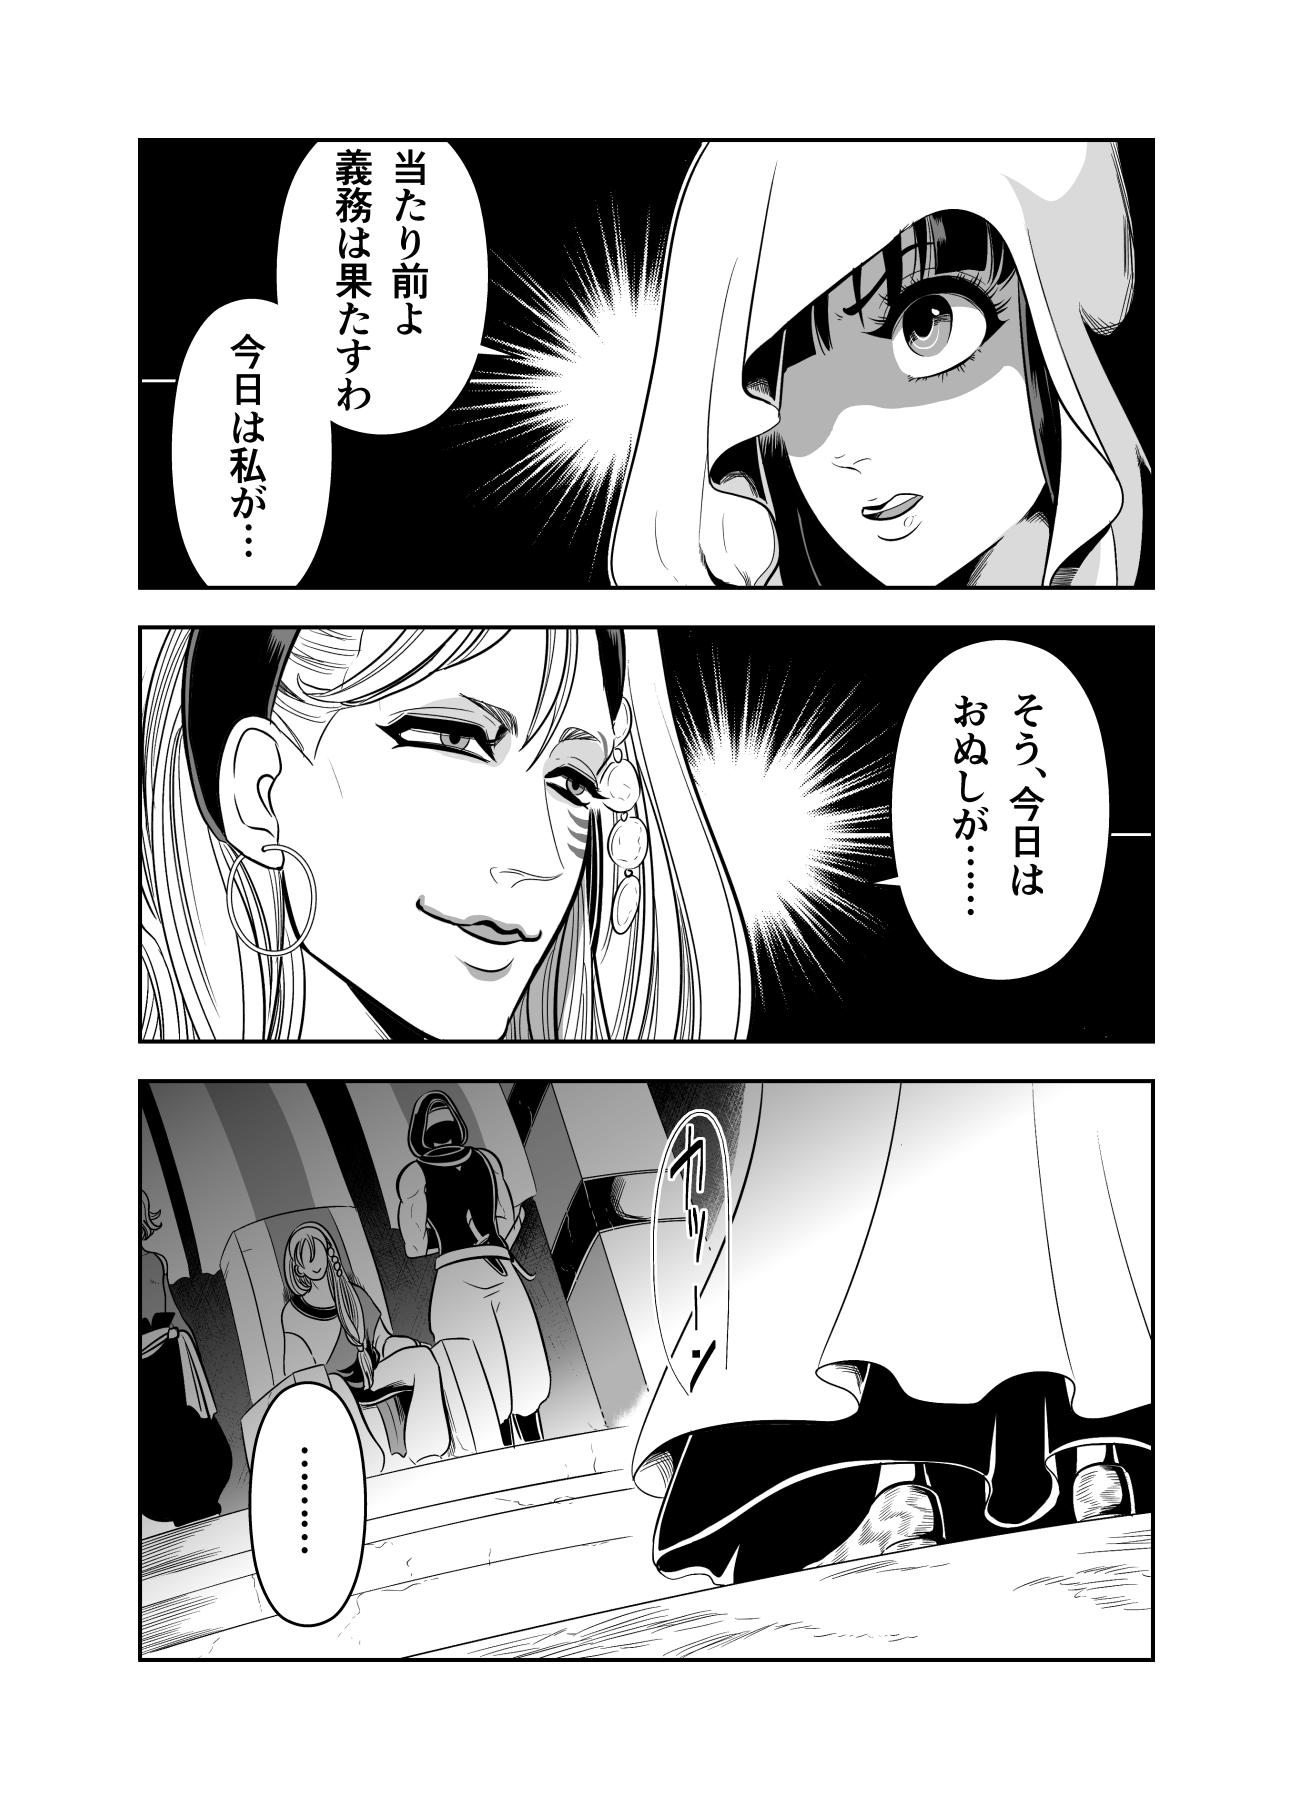 ヤサグレ魔女と第1王子と吸血鬼①0004